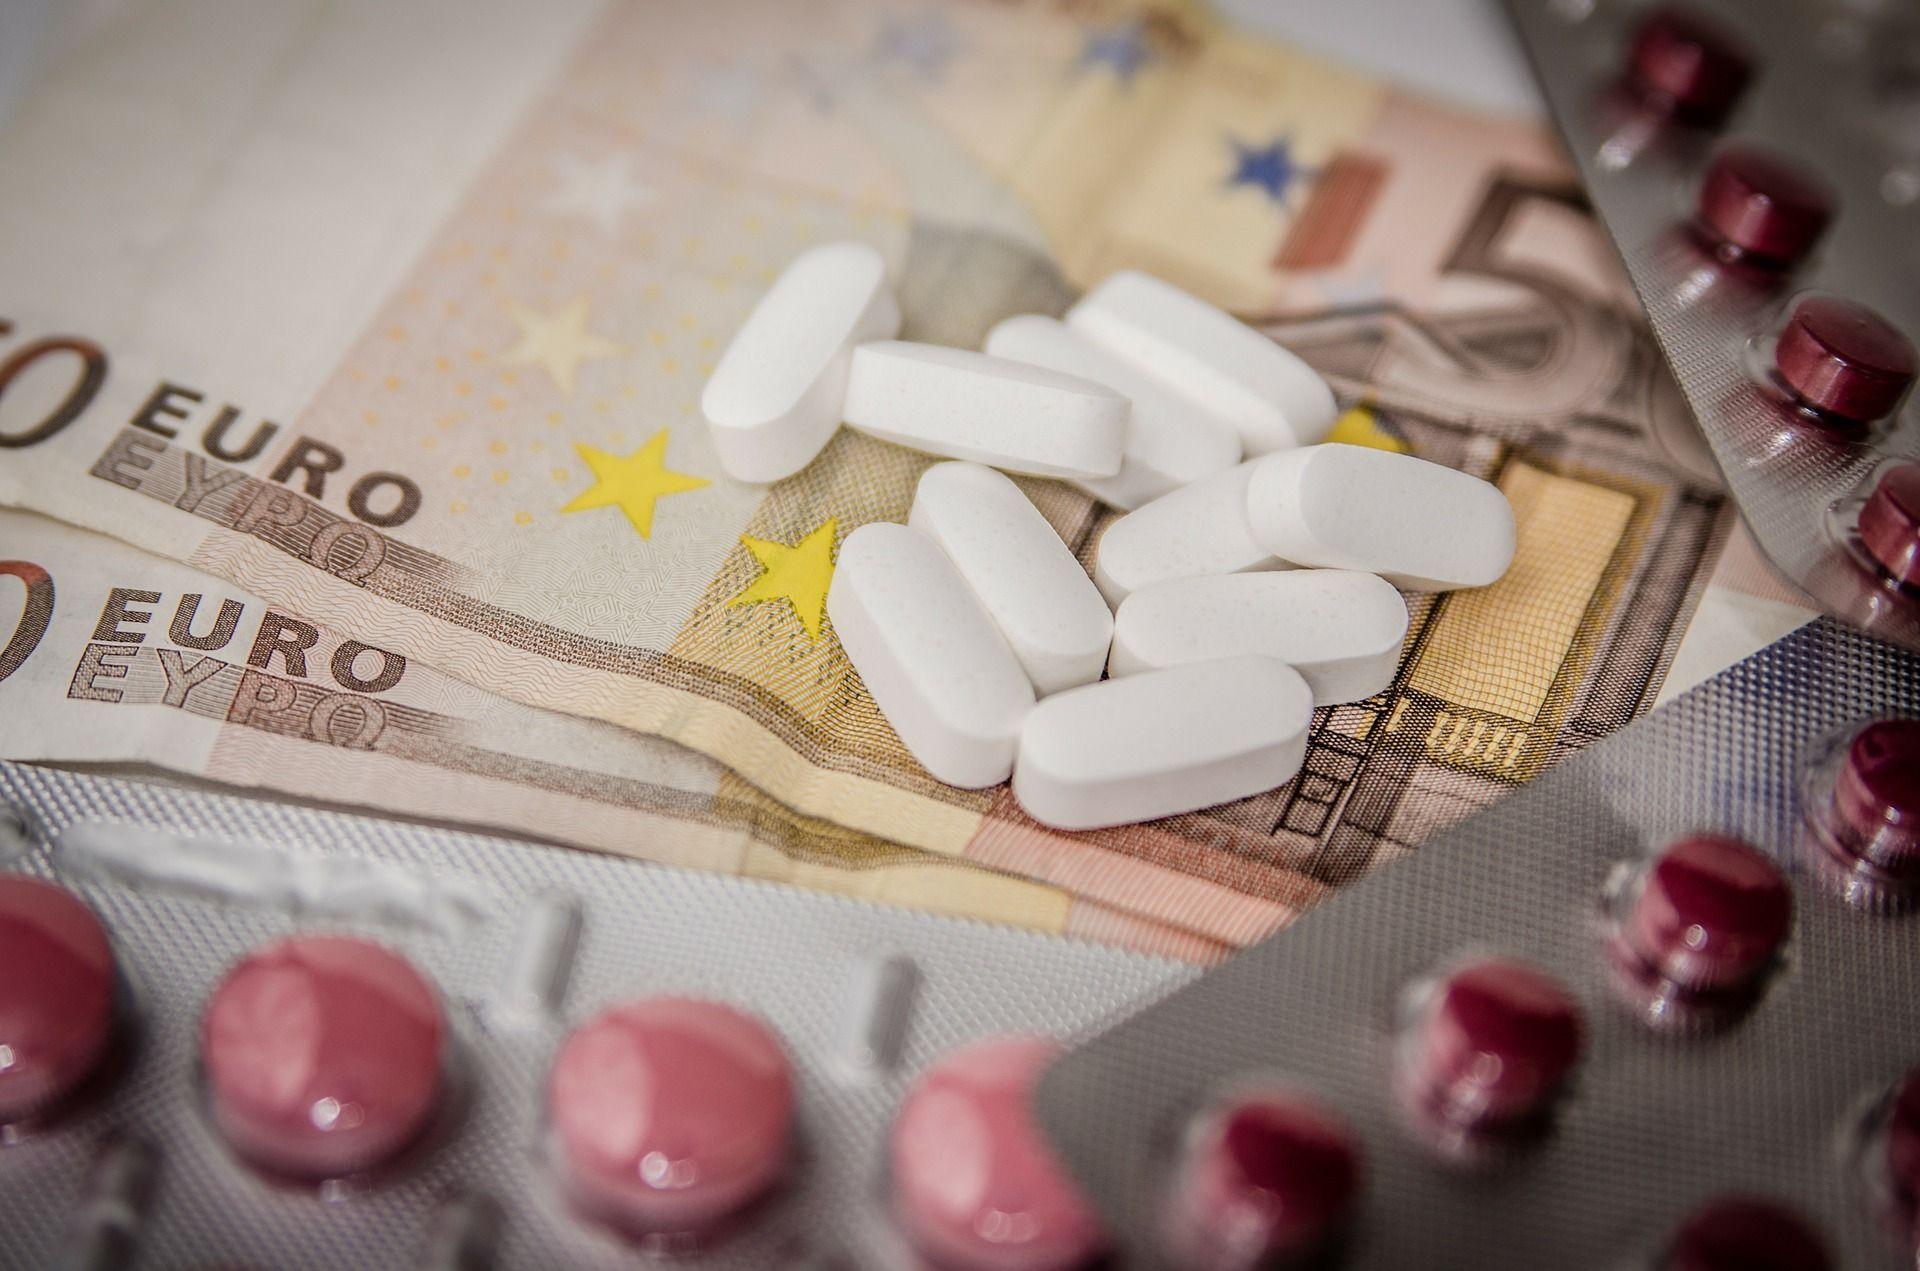 Rimborsabilità dei farmaci: a rischio quella di 1500 medicinali